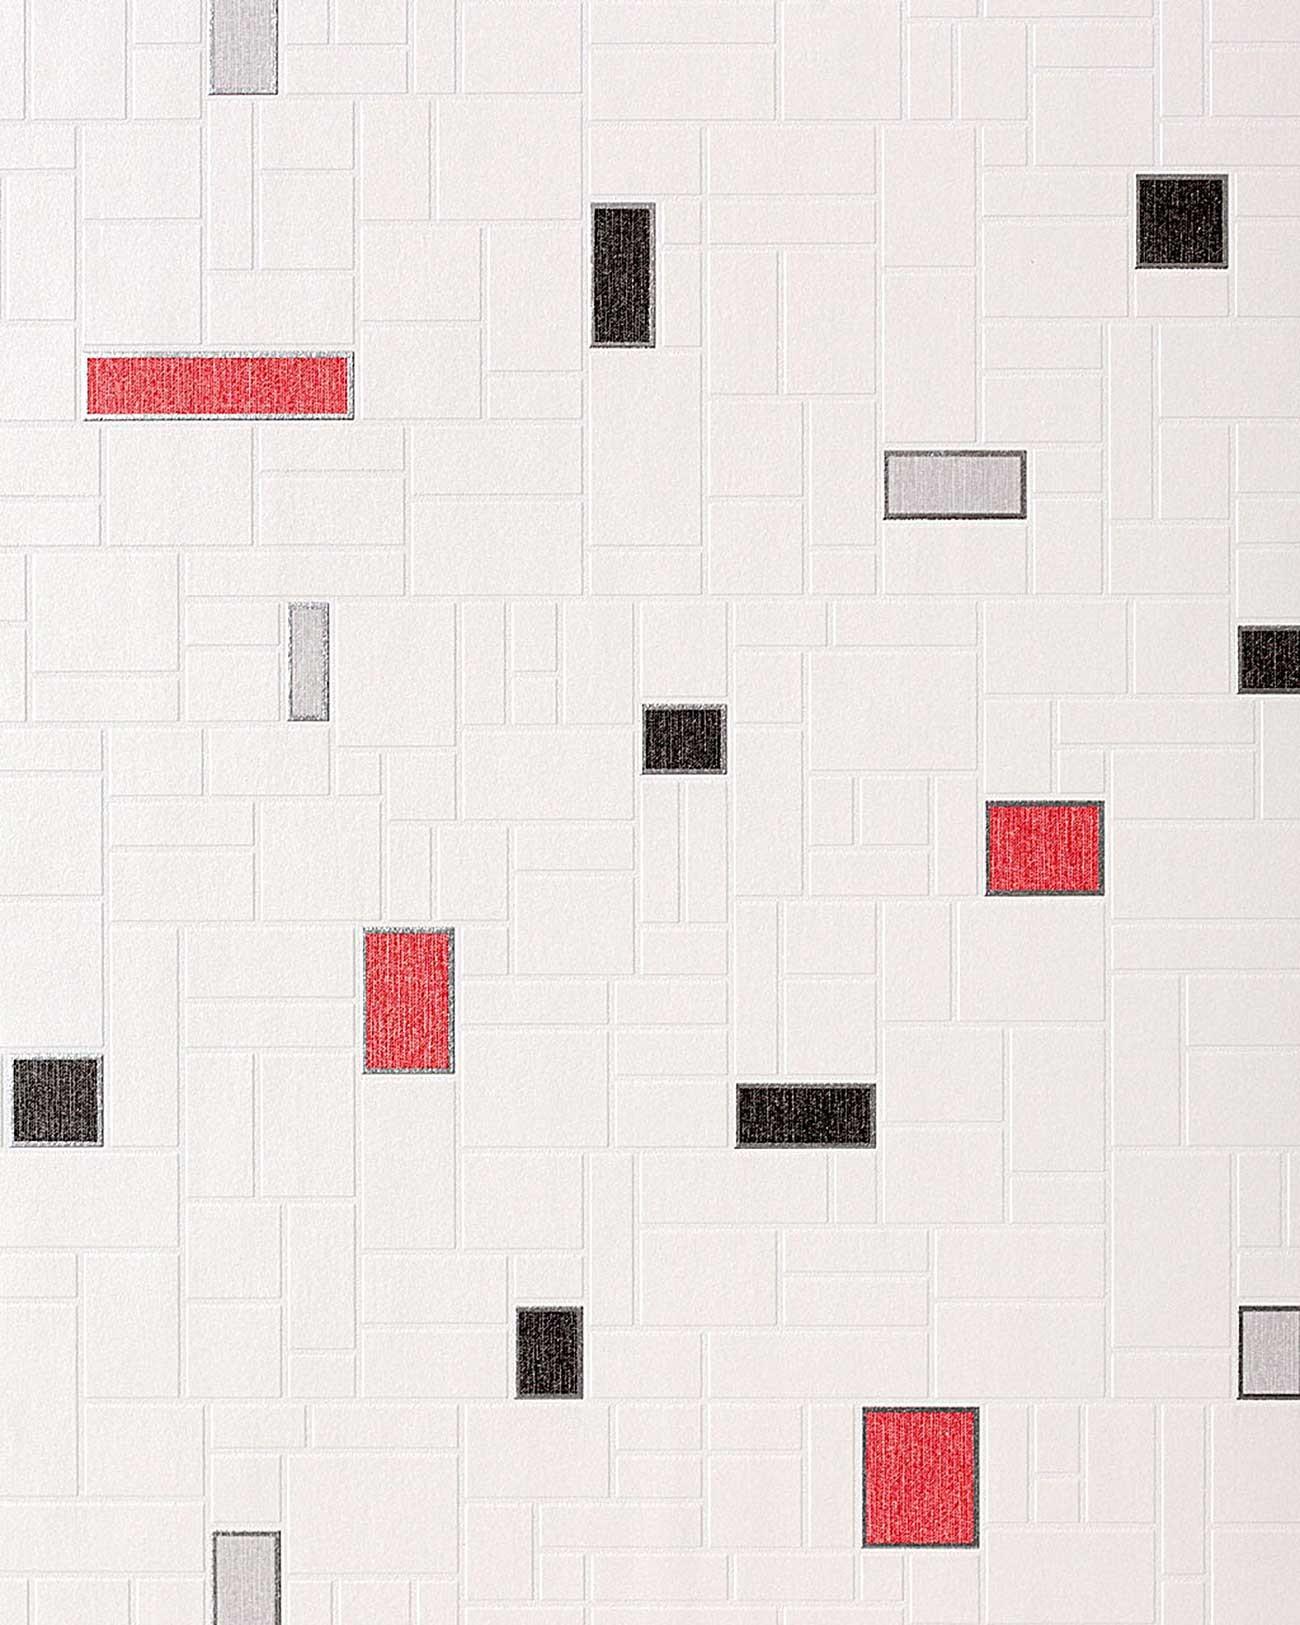 edem 584 26 dekor vinyl tapete fliesen kacheln mosaik stein optik wei schwarz ebay. Black Bedroom Furniture Sets. Home Design Ideas